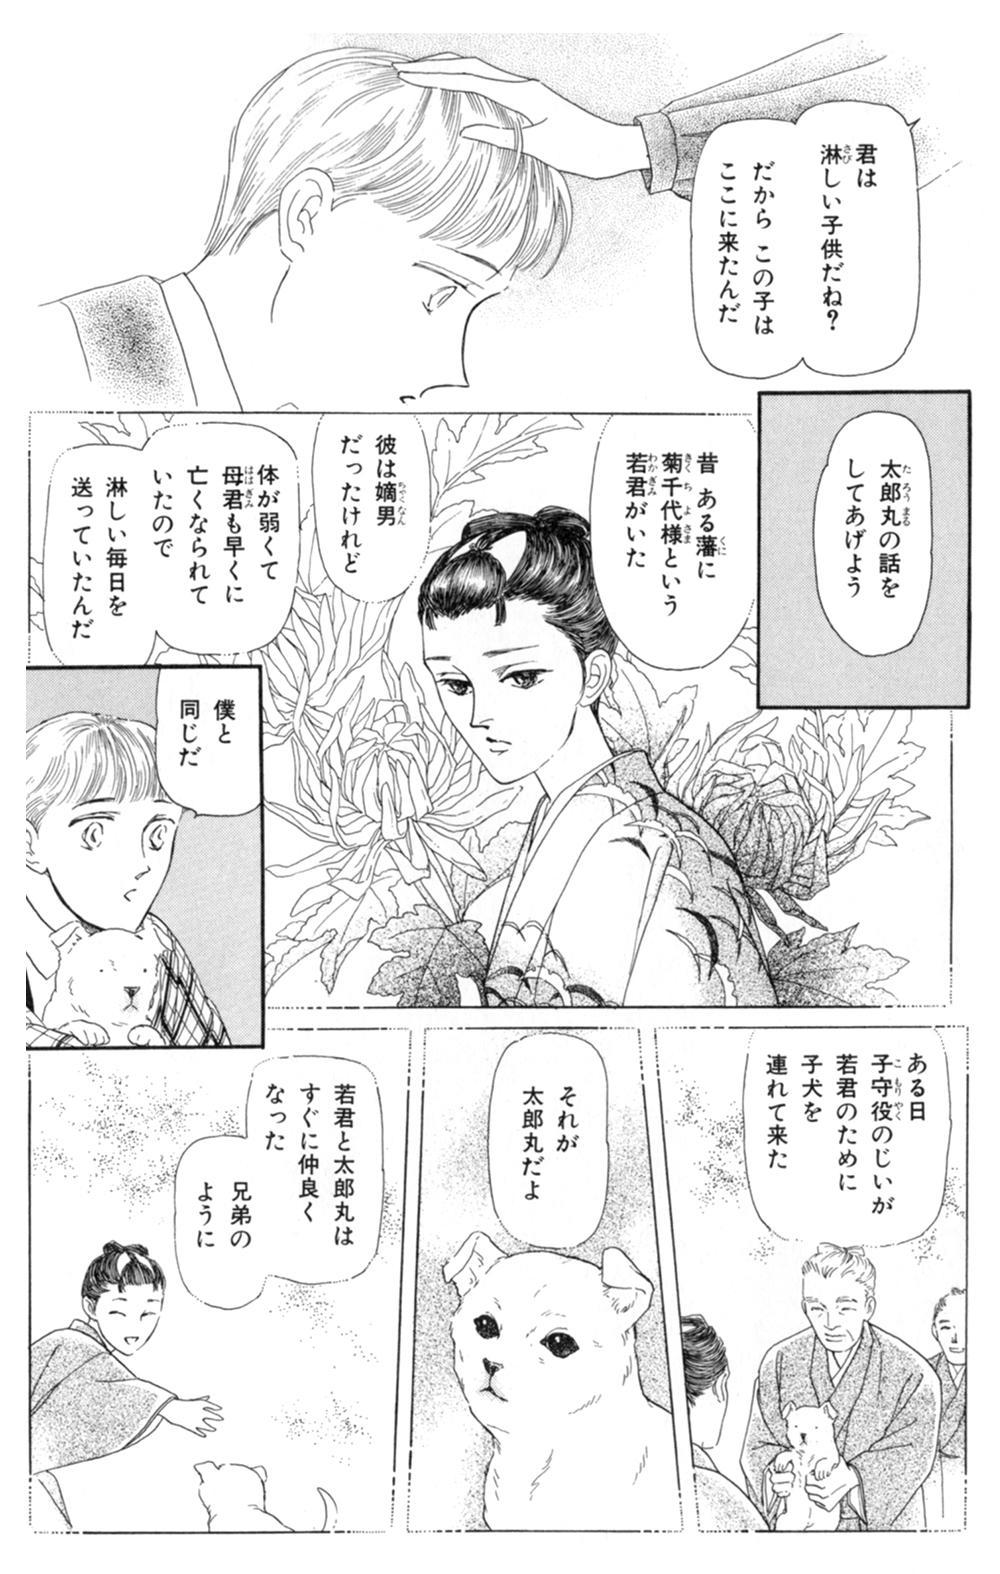 雨柳堂夢咄 第5話「太郎丸」①uryudo-03-156.jpg